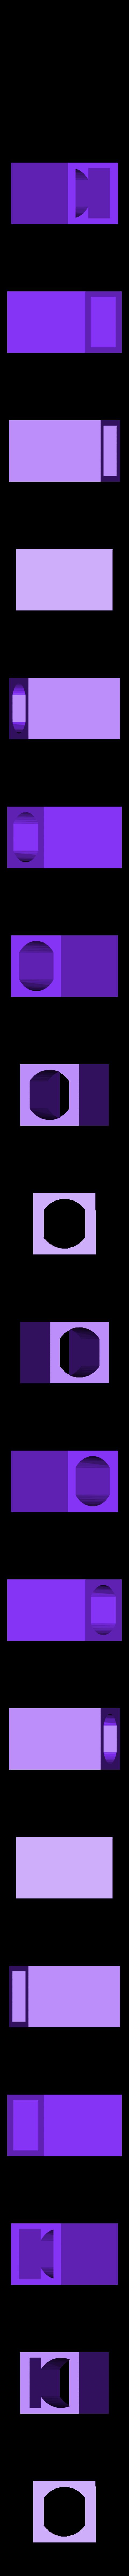 motor_housing.stl Télécharger fichier STL gratuit Polisseuse de pièces Smooth-O-Matic et gobelet à roches • Design à imprimer en 3D, Khuxtan